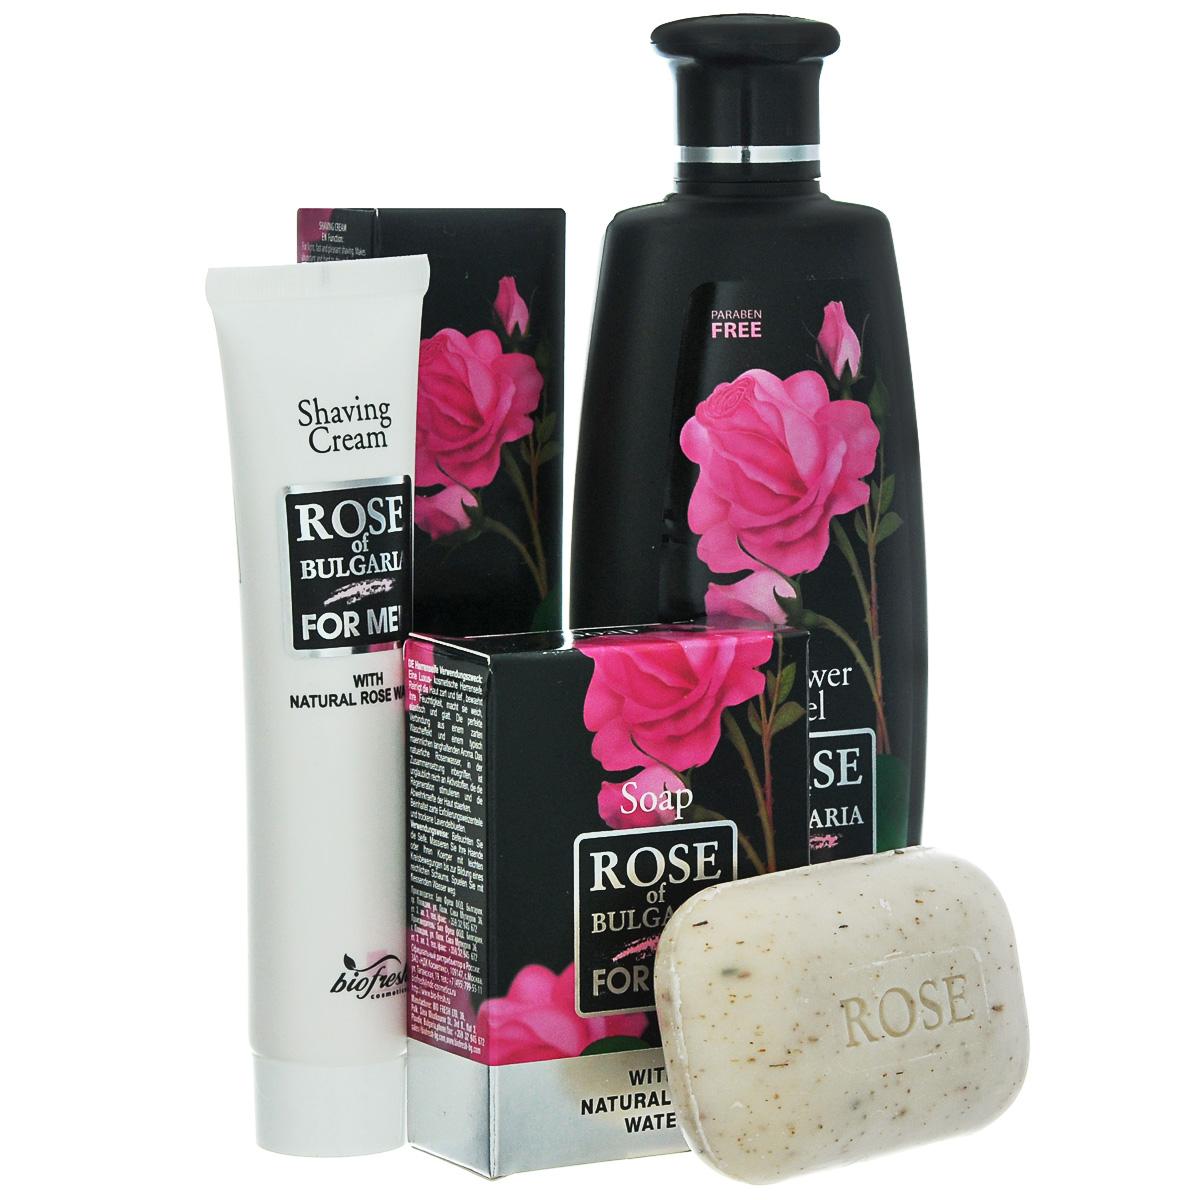 Rose of Bulgaria for men Подарочный набор мужской: гель для душа-шампунь 2 в 1, 230 мл, мыло для мужчин, 100 г, крем для бритья, 75